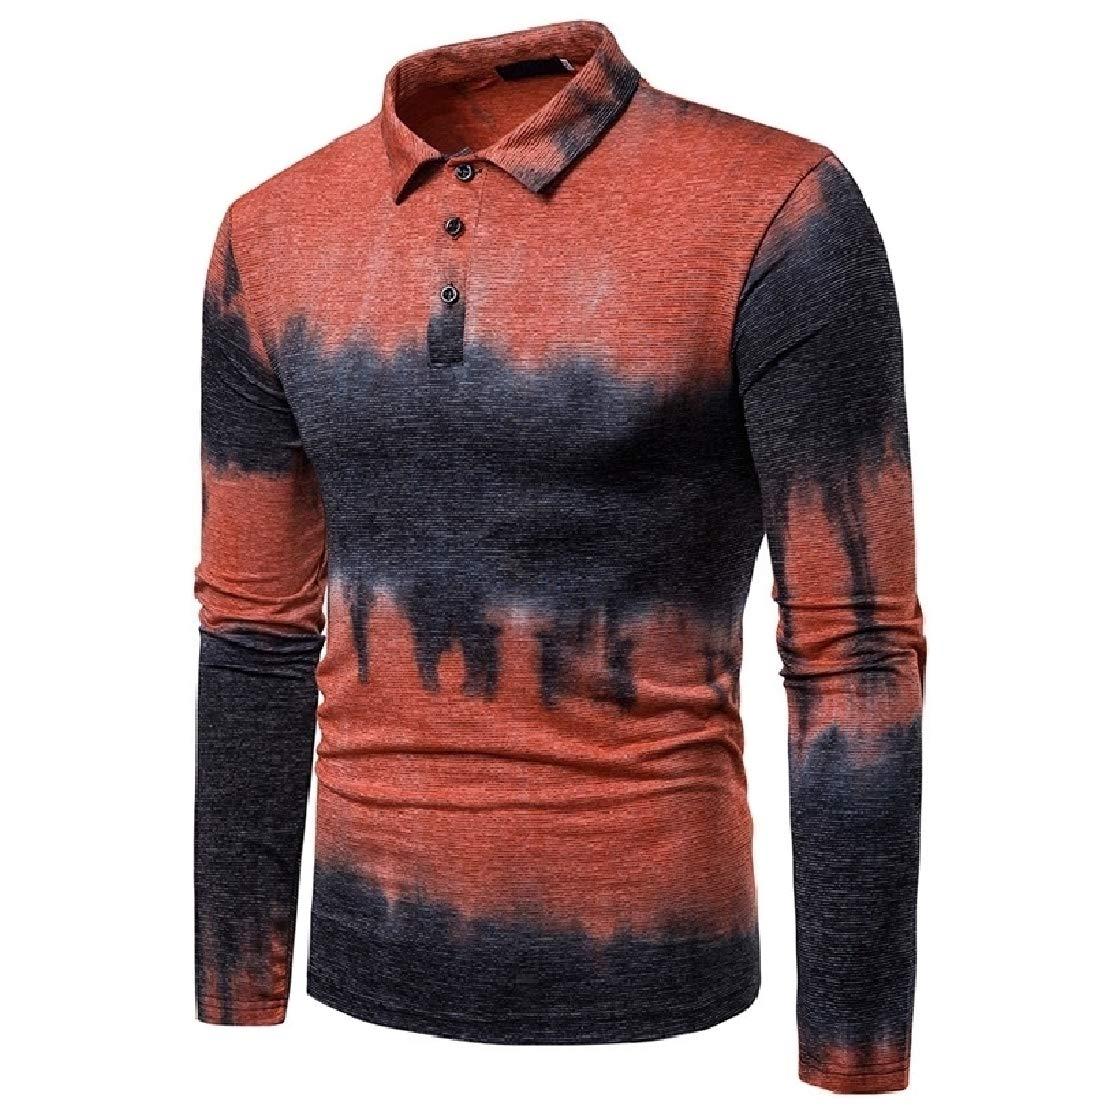 DressU Mens Leisure Business Plus Size Gradients Button Down Shirt